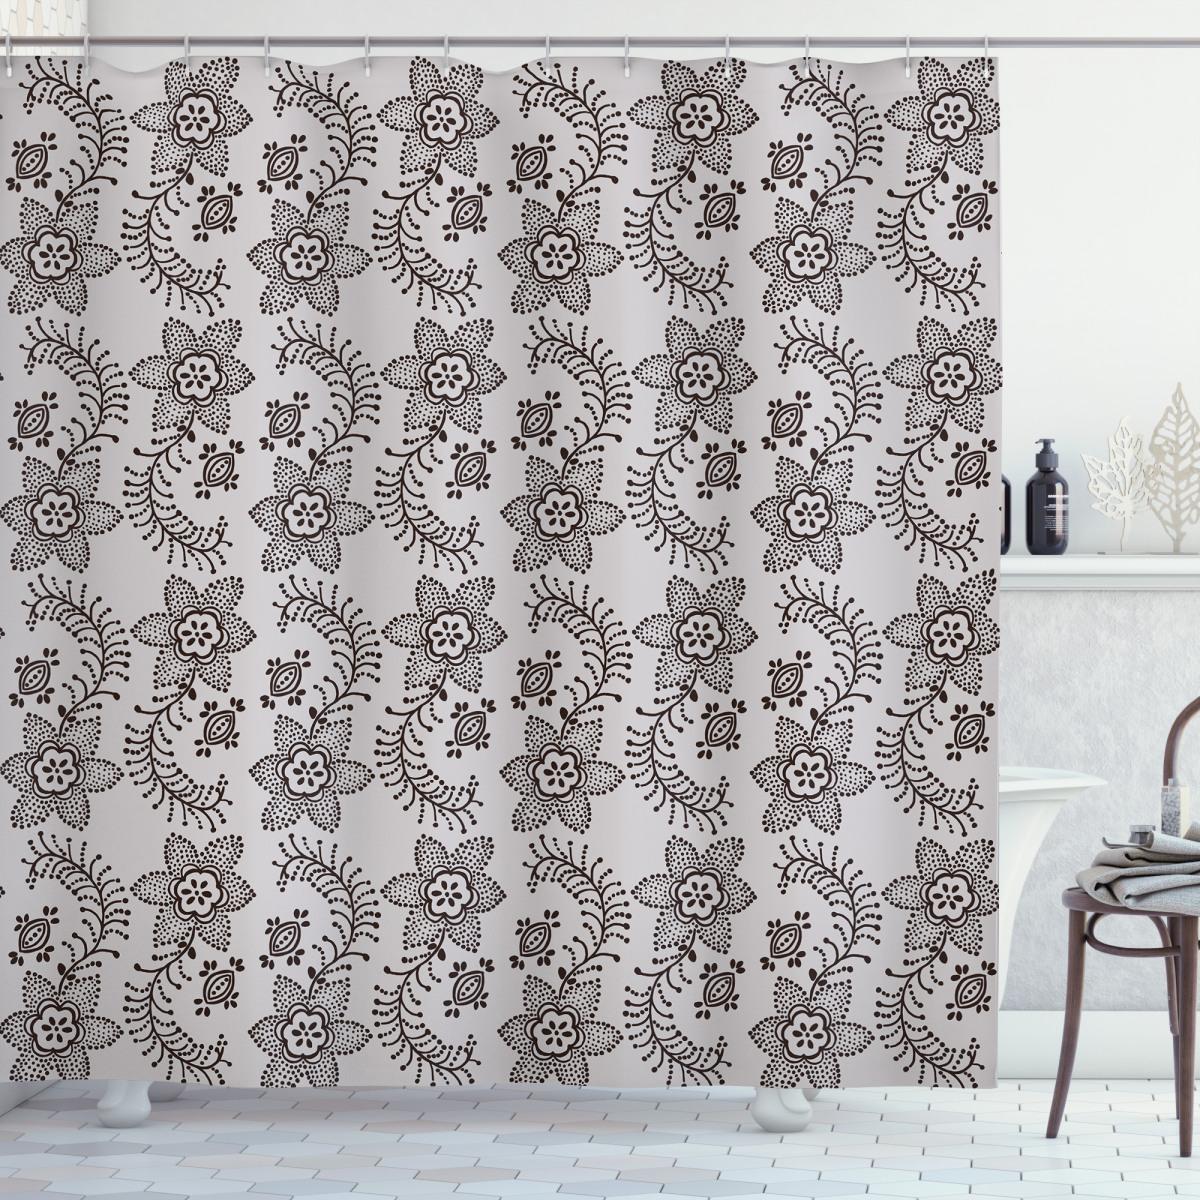 Russian Boho Shower Curtain